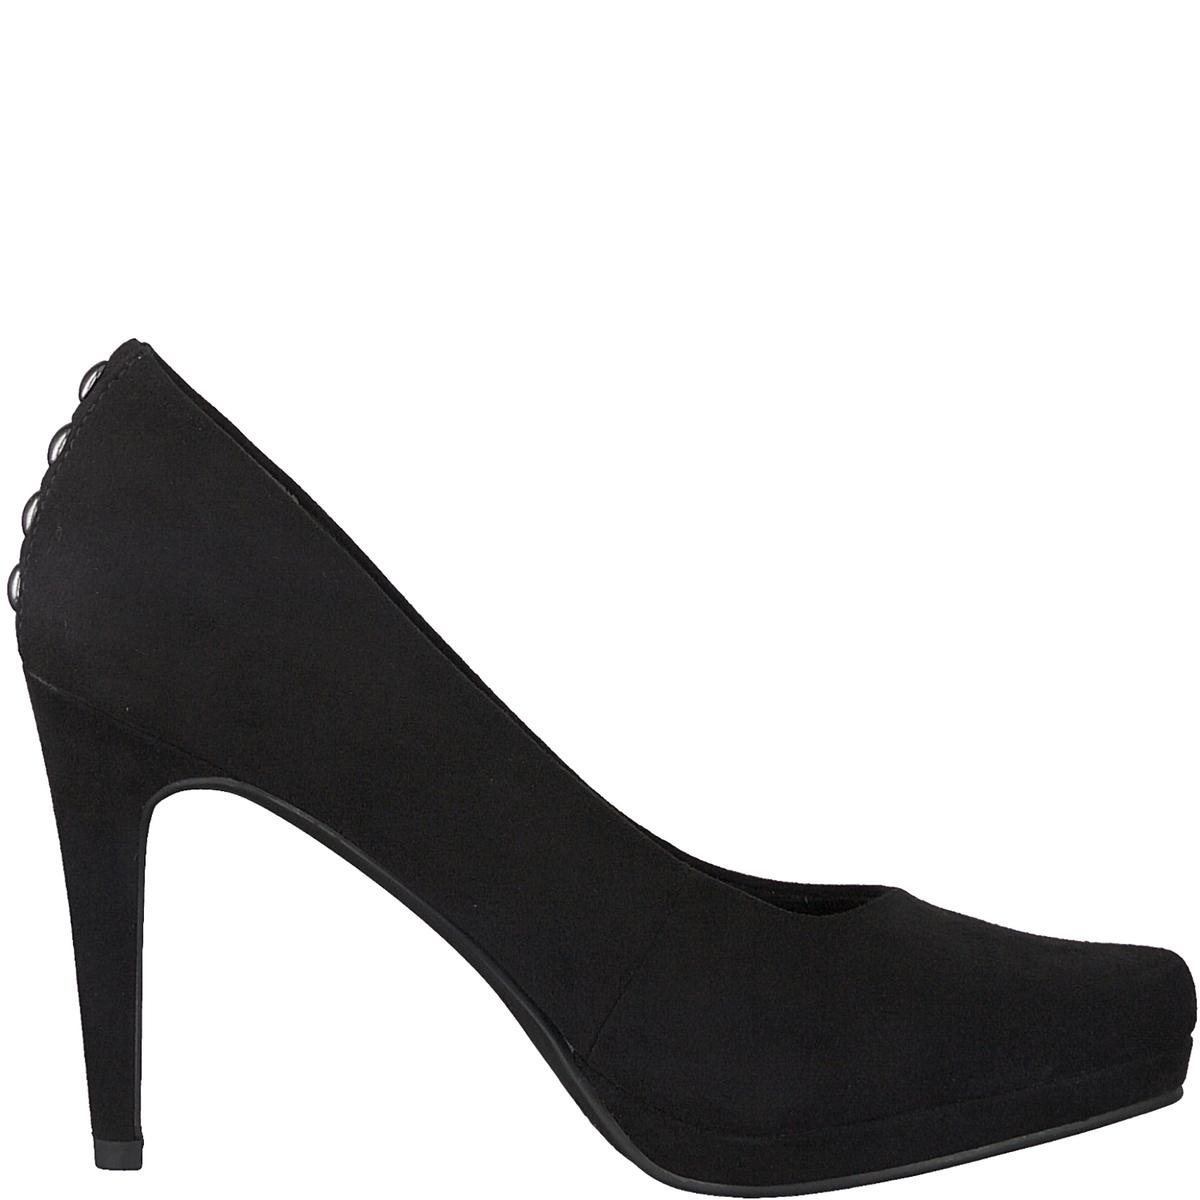 Туфли кожаныеДетали  •  Каблук-шпилька •  Высота каблука : 9,5 см •  Застежка : без застежки •  Круглый мысокСостав и уход  •  Верх 100% текстиль •  Подкладка 50% синтетического материала, 50% текстиля •  Стелька 100% синтетический материал<br><br>Цвет: черный